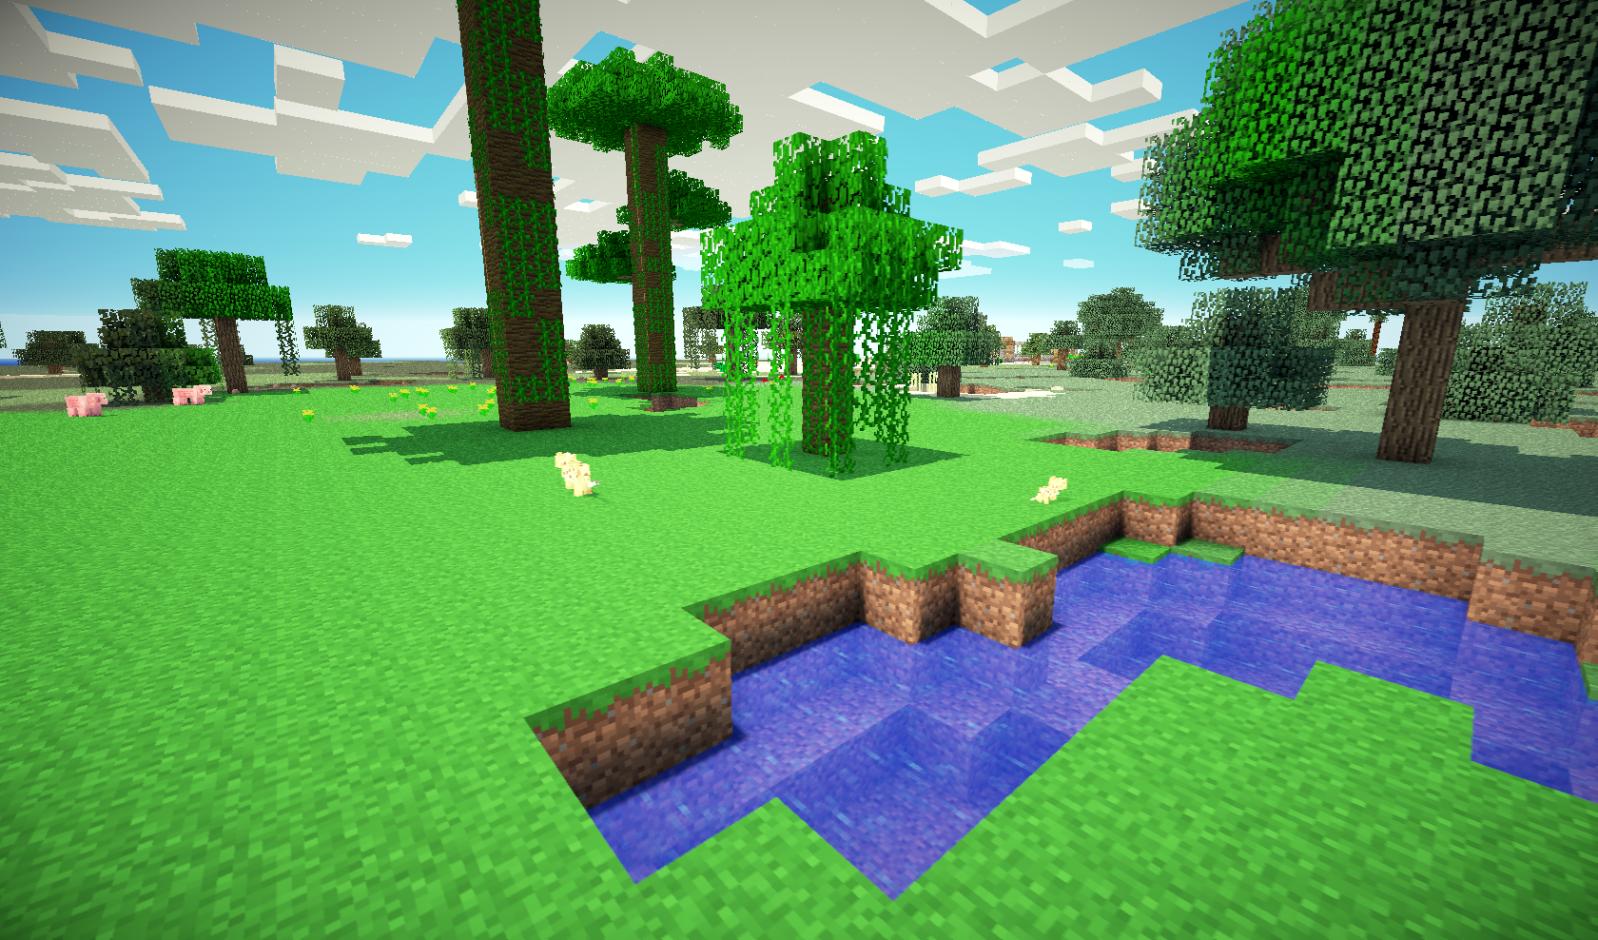 Plano De Fundo Minecraft: Universo Minecraft: Mundo Plano Com Biomas Para Minecraft